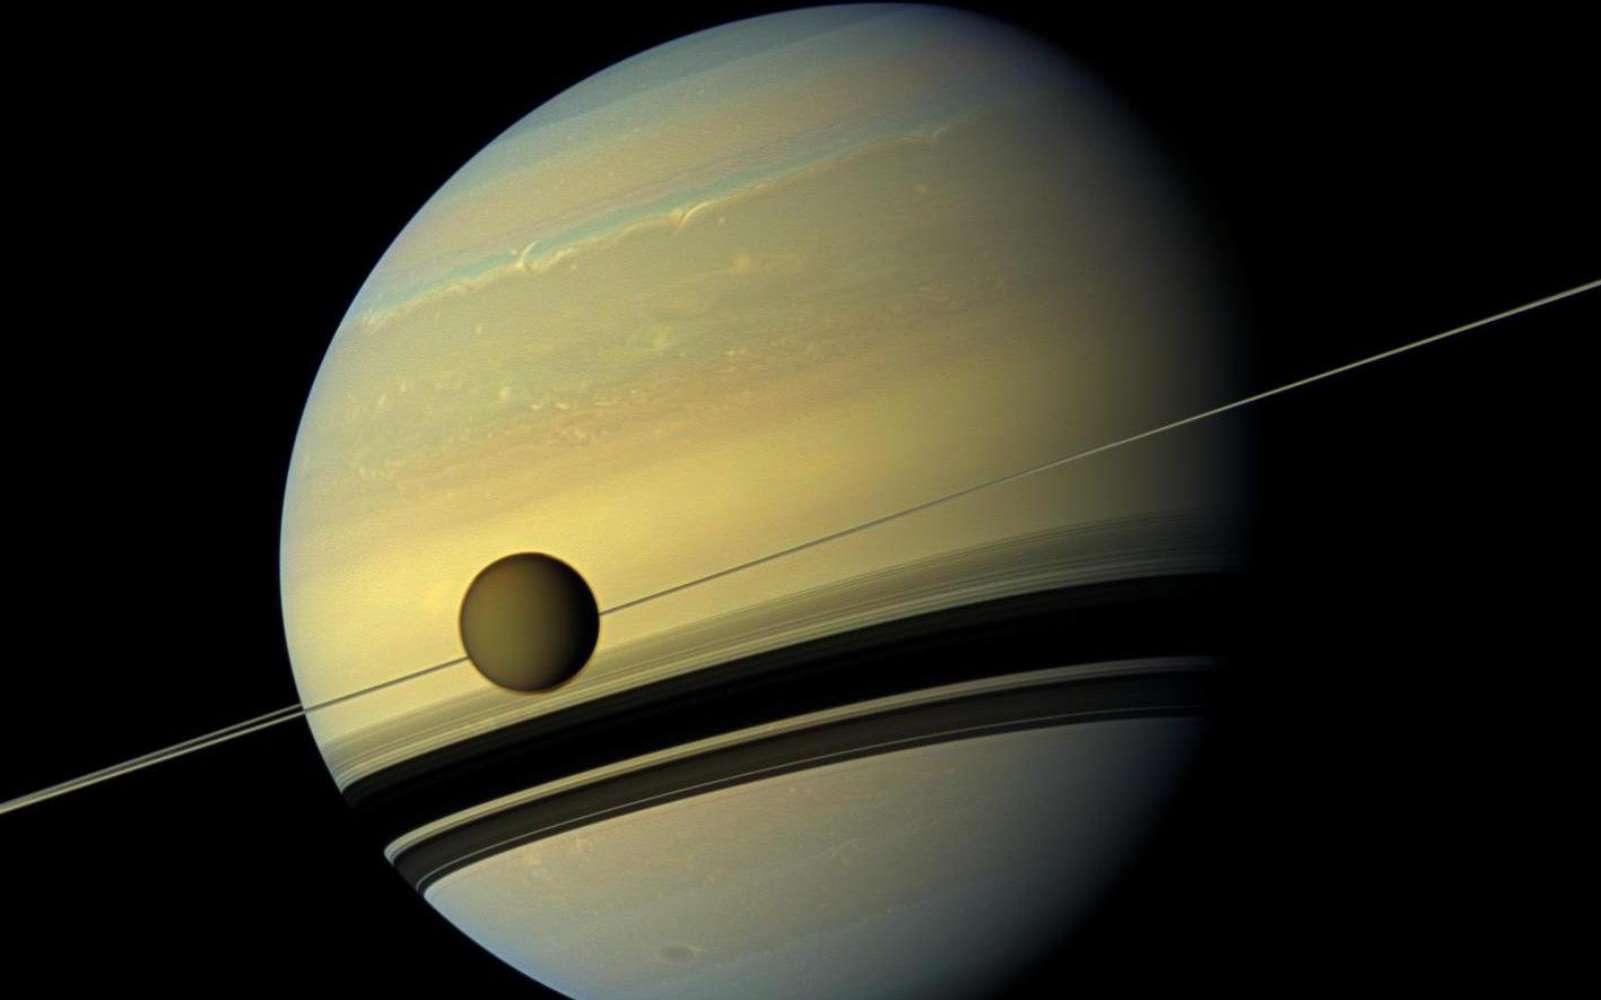 Cette mosaïque combine six images – deux de filtres spectraux rouge, vert et bleu – pour créer cette vue en couleurs naturelles de Saturne et sa lune Titan. Les images ont été obtenues grâce à la sonde Cassini le 6 mai 2012, à une distance d'environ 778.000 kilomètres de Titan. L'échelle d'image est de 46 kilomètres par pixel sur Titan. © Nasa, JPL-Caltech, Space Science Institute